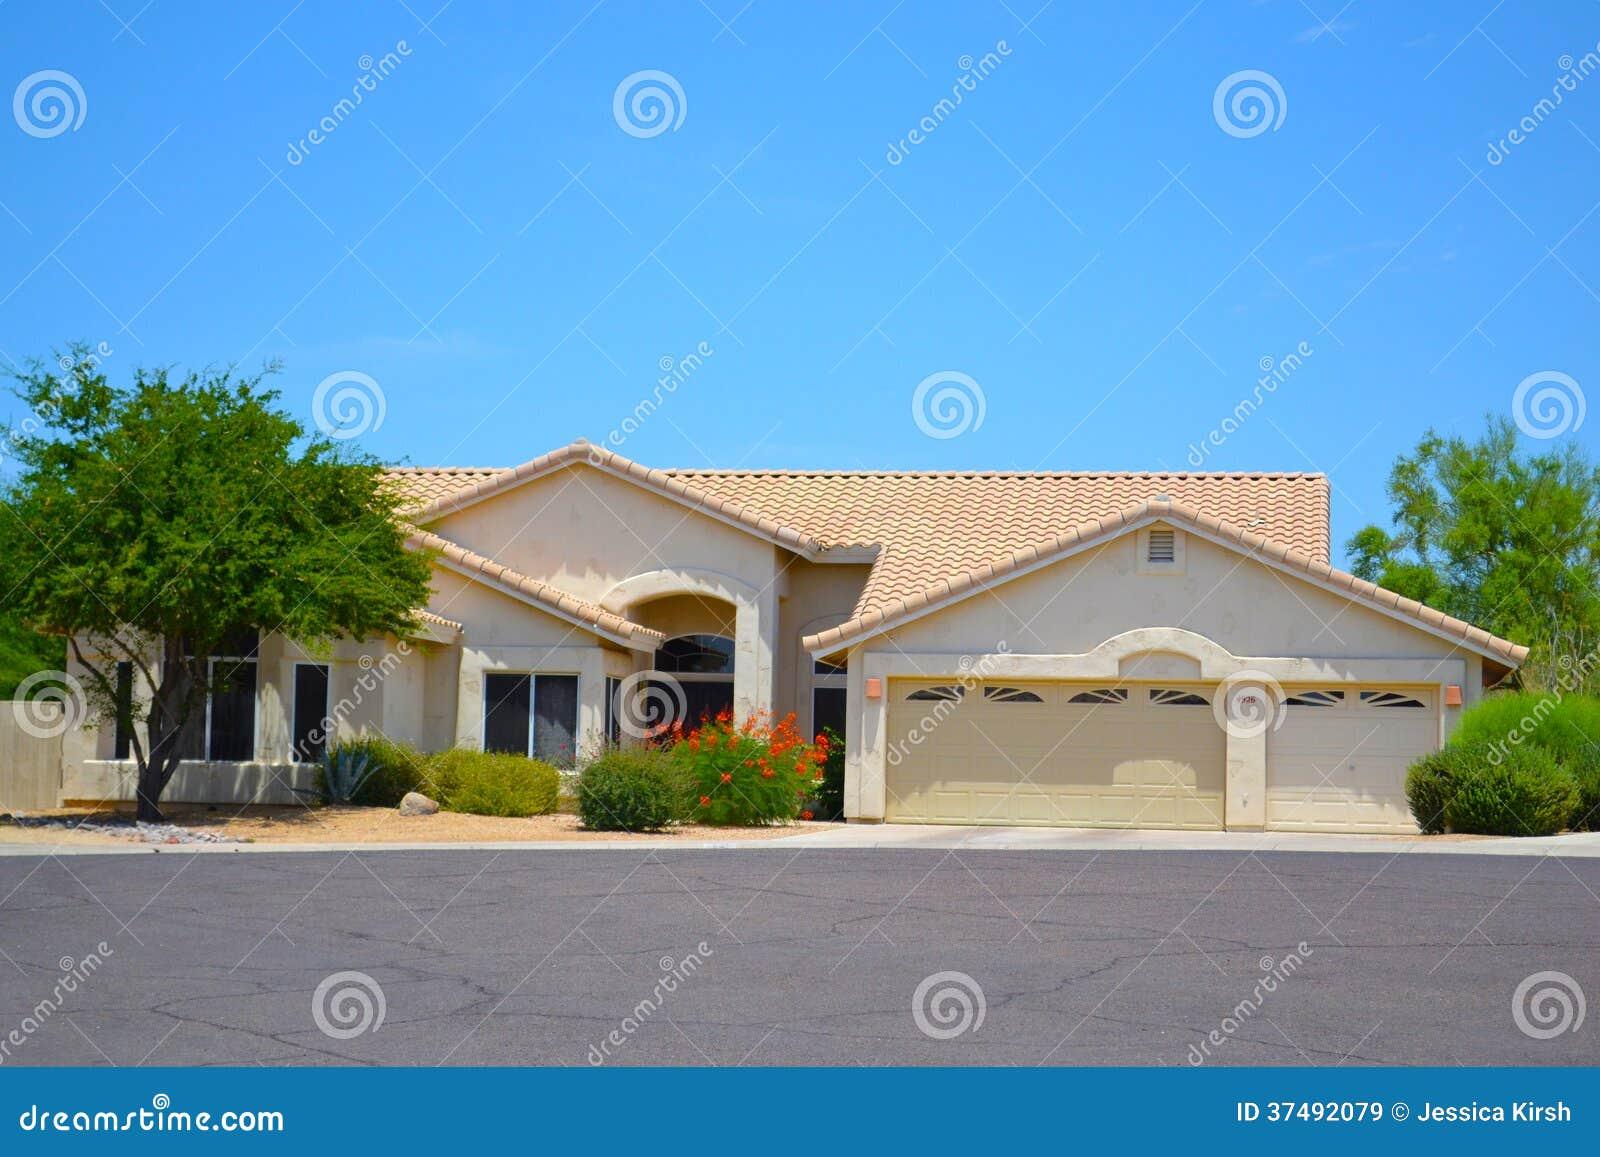 Maison espagnole du sud ouest toute neuve de r ve de l for Achat maison sud ouest